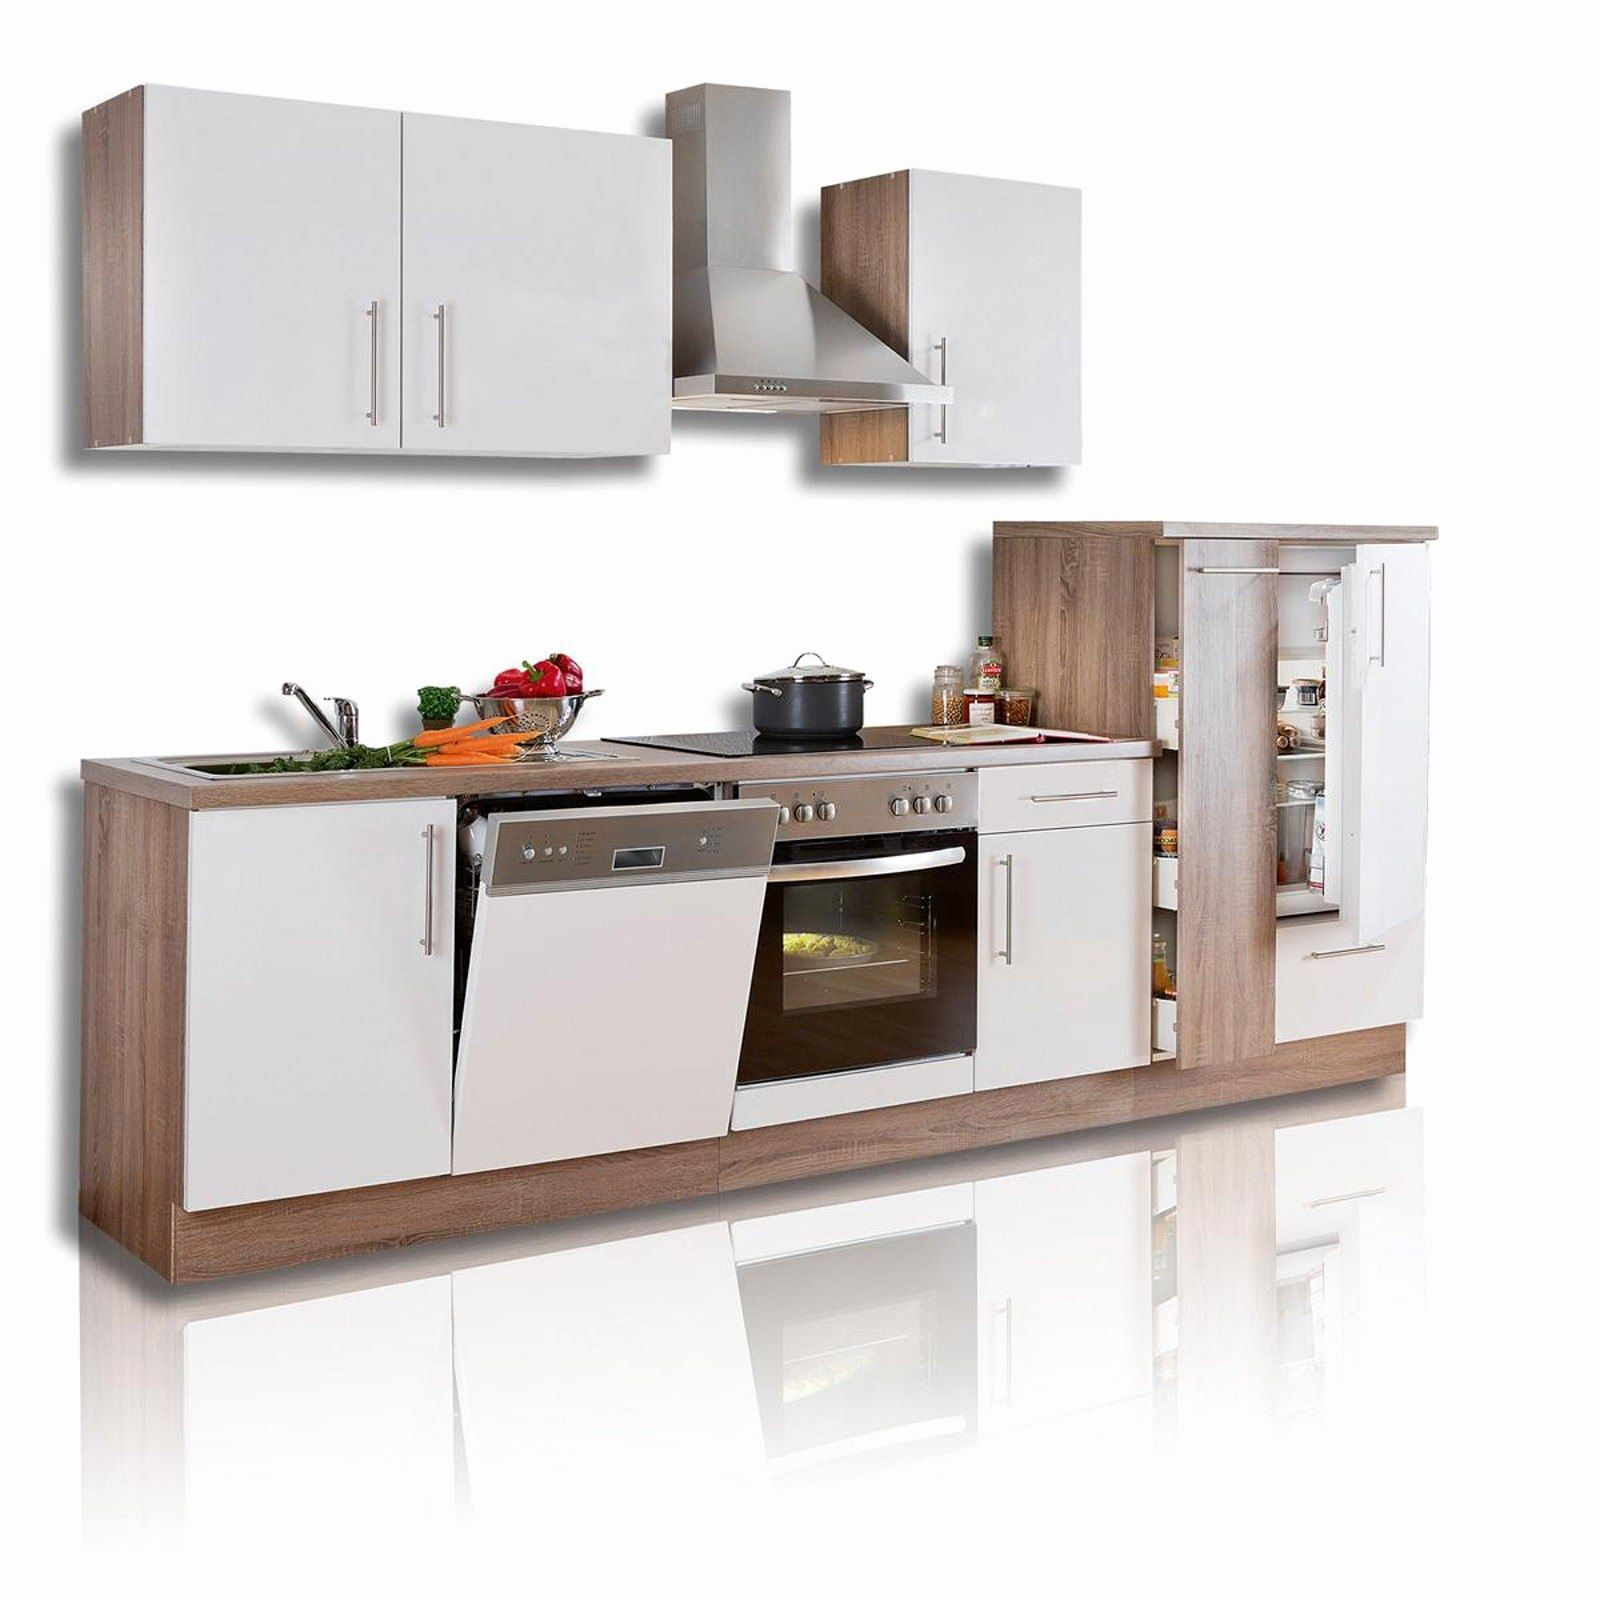 46 Einzigartig Roller Küchen Aufbau Kitchen, Living room